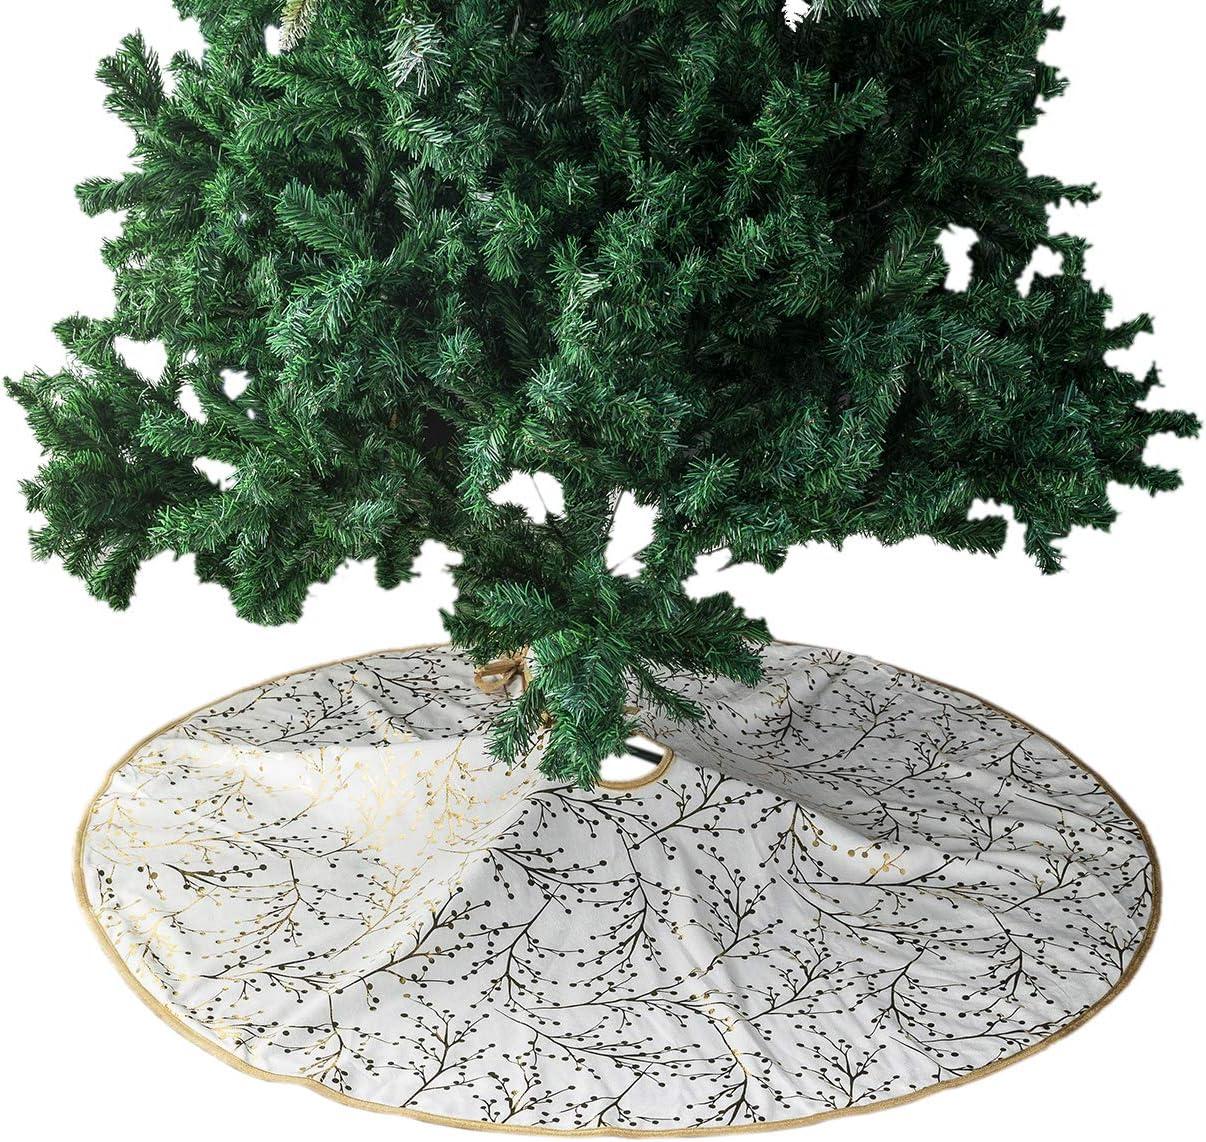 PICTURESQUE Pl/üsch Tannenbaum Decke Weihnachtsbaum Rock Weihnachten Dekoration